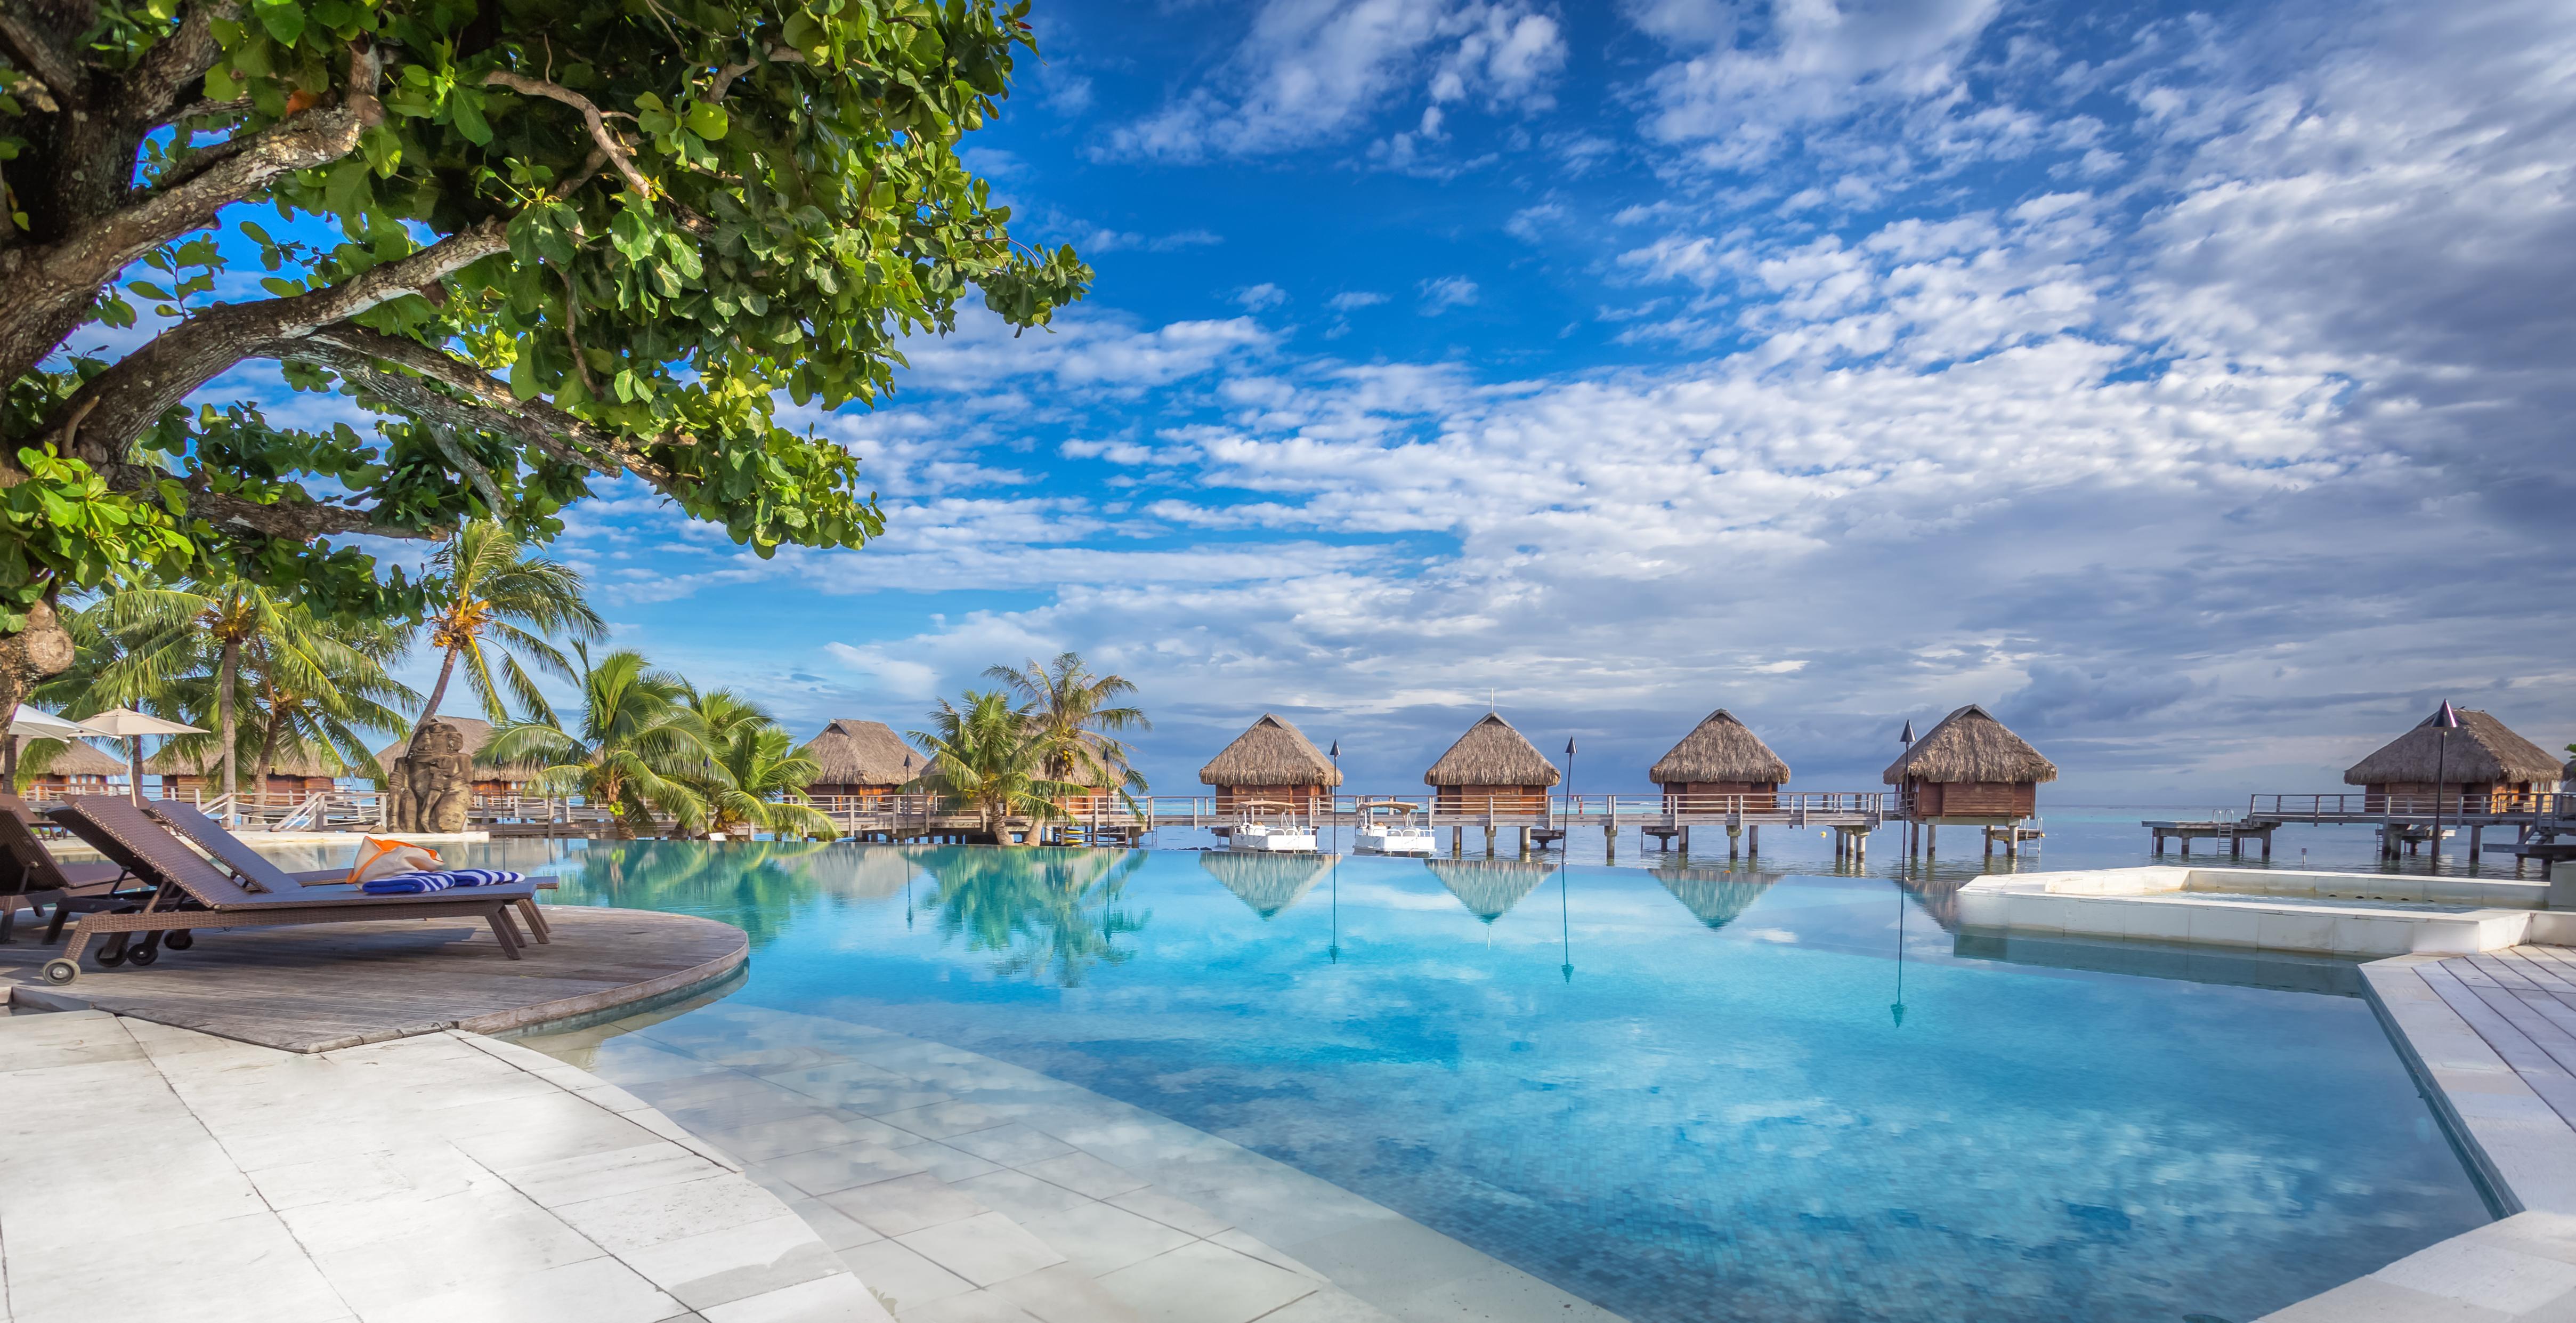 https://tahititourisme.jp/wp-content/uploads/2017/08/HEBERGEMENT-Manava-Beach-Resort-and-Spa-Moorea-1-Charles_Veronese.jpg